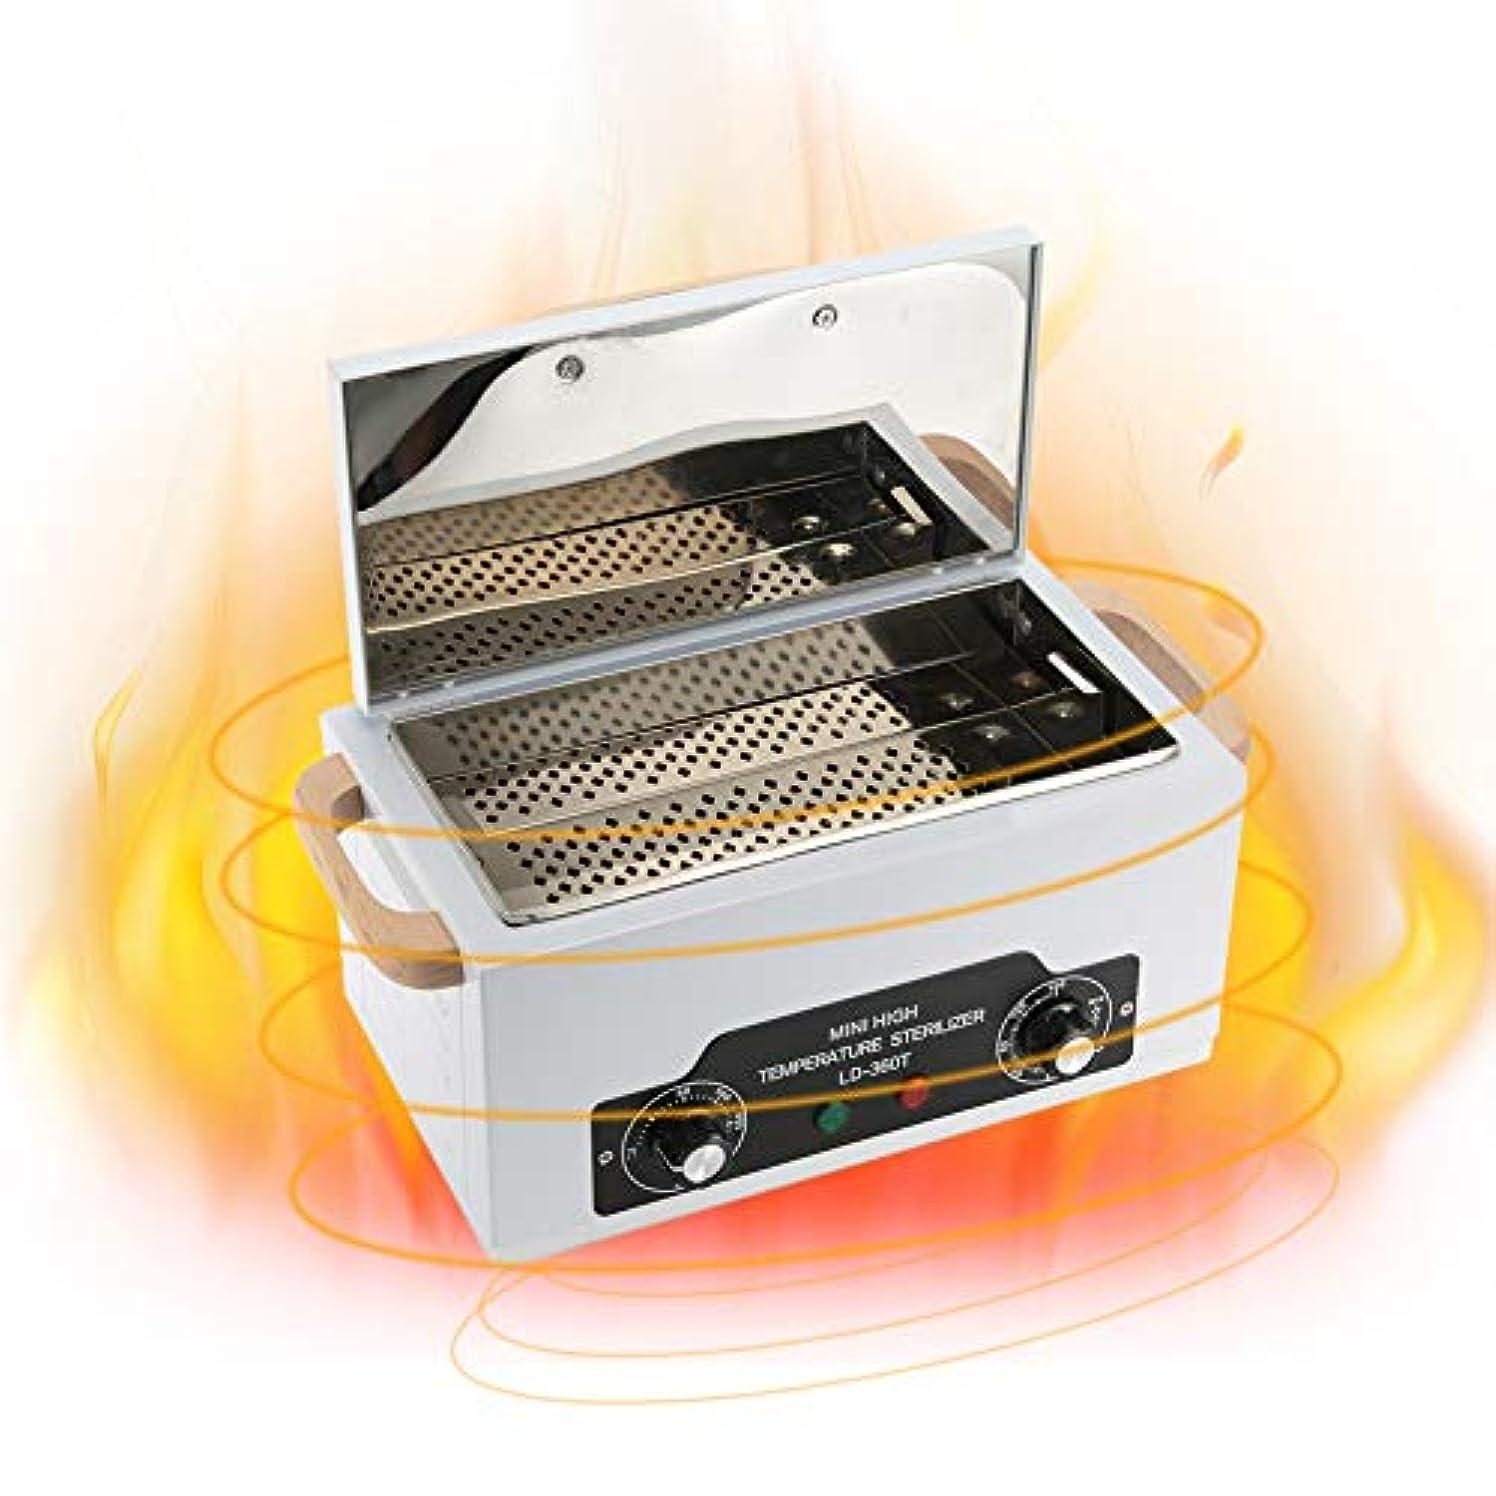 主観的耕す皿ネイルツール滅菌ボックス 高温滅菌器 ネイルツール 歯科用器具用 取り外し可能 ステンレス(1)